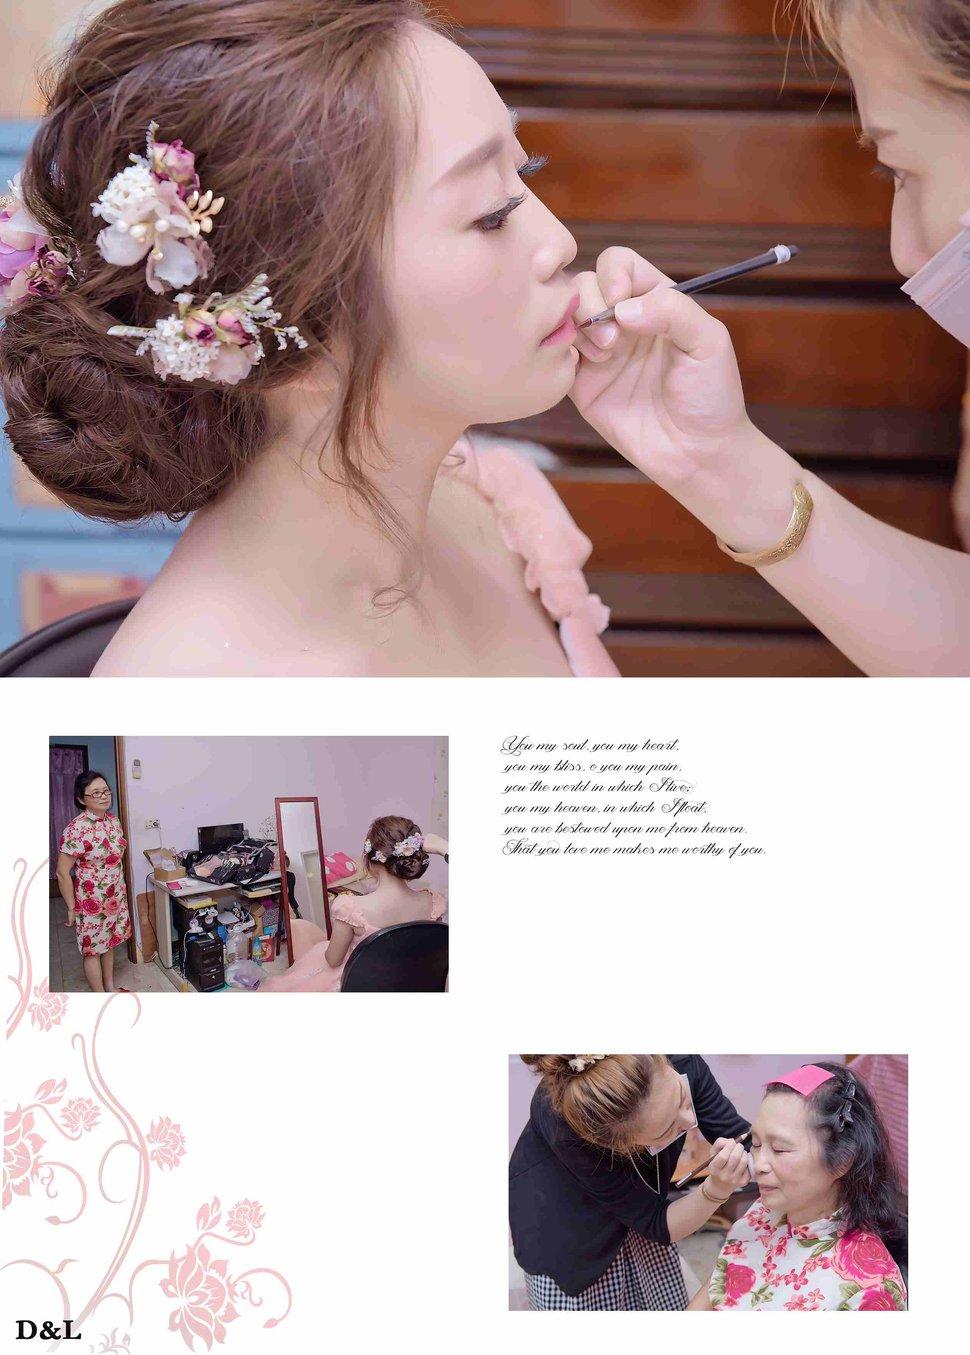 婚禮記錄 俊明&少怡(編號:248796) - D&L 婚禮事務-婚紗攝影/婚禮記錄 - 結婚吧一站式婚禮服務平台